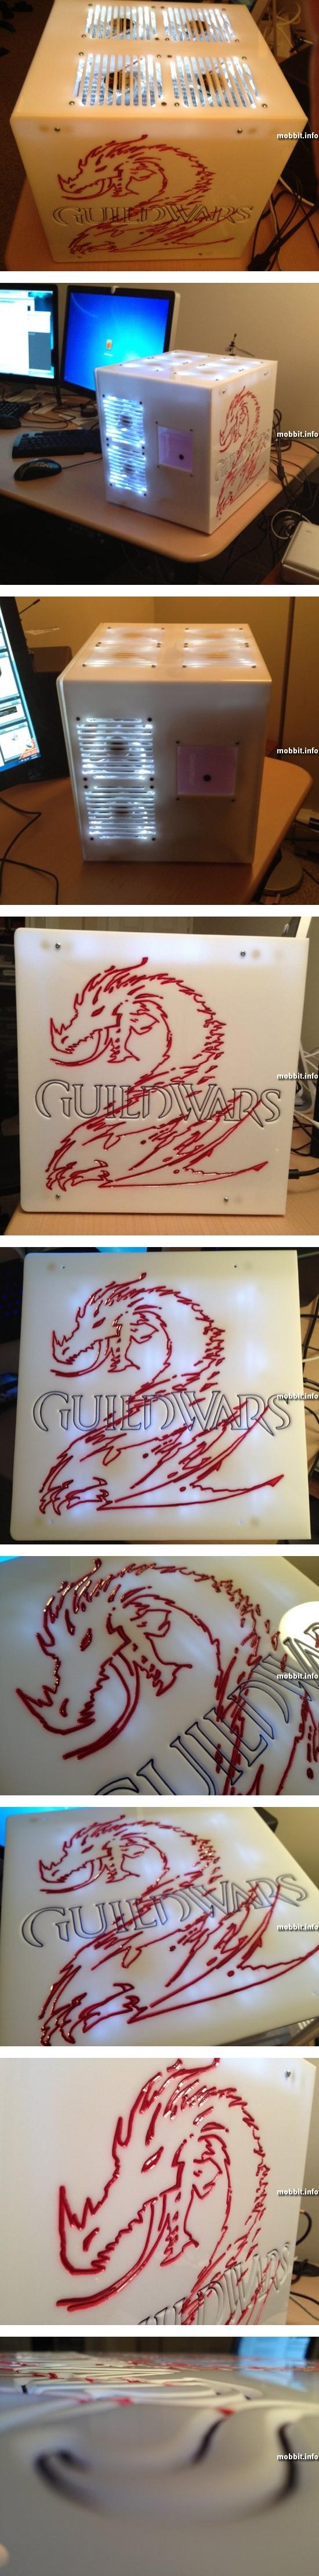 Моддинг компьютера в стиле Guild Wars 2